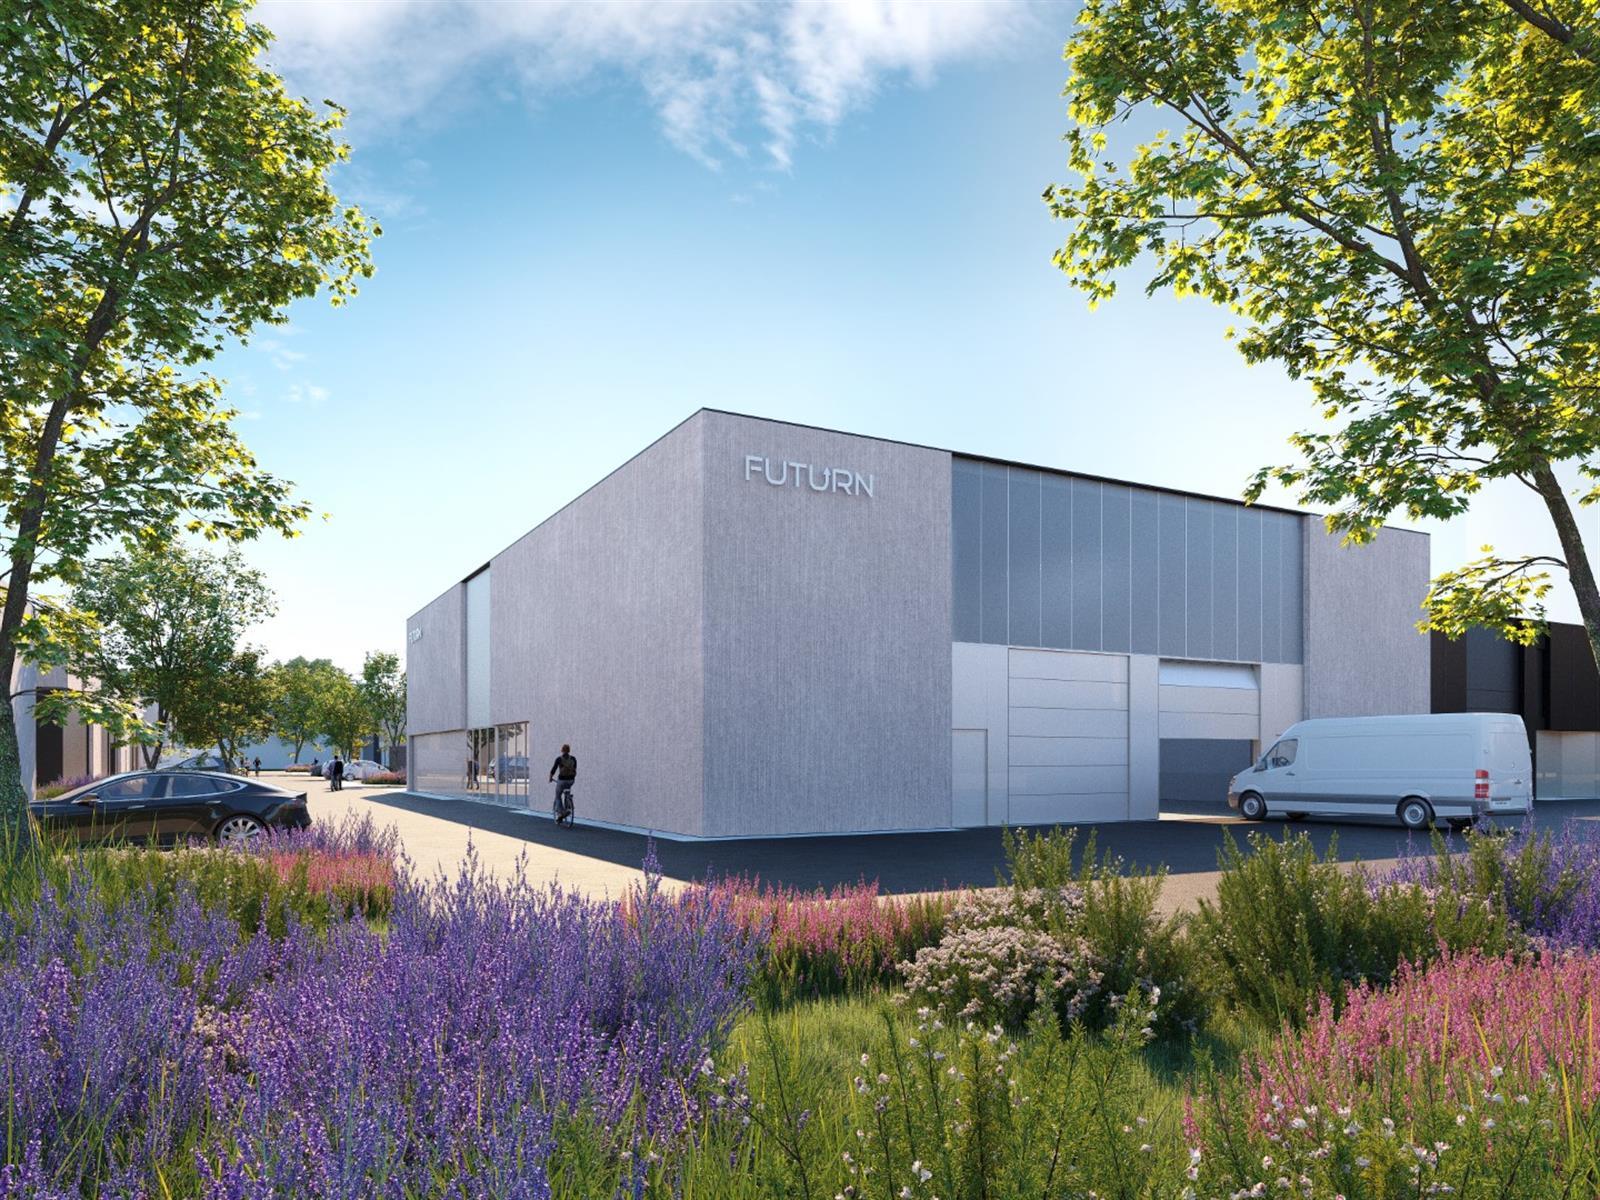 KMO-unit te koop Heros Businesspark KMO Unit 5 - Herkenrodesingel 10, 3500 Hasselt, België 10